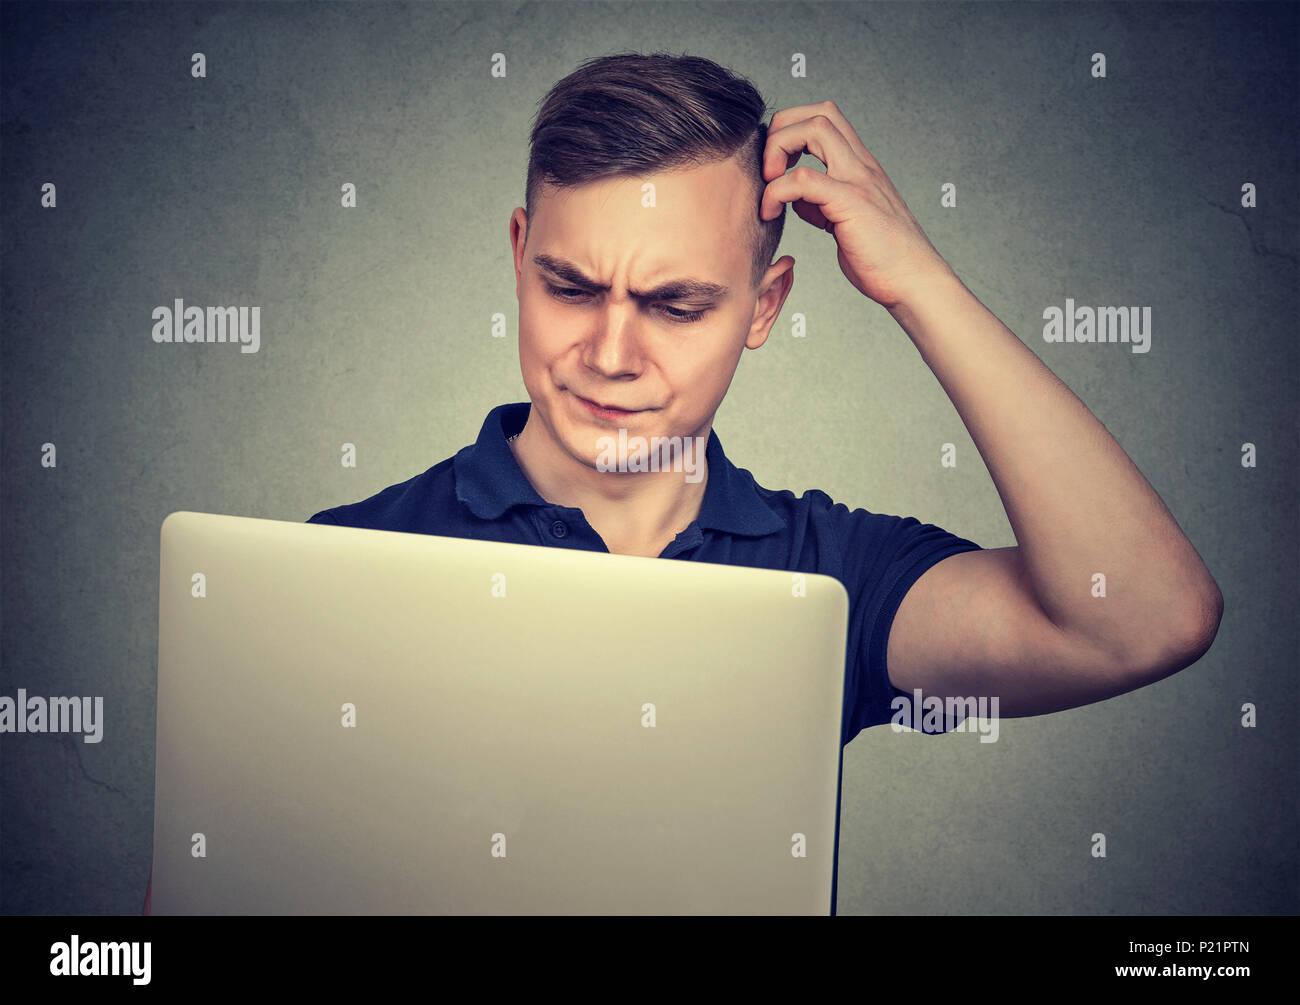 Jeune homme à la perplexe lors de l'utilisation d'ordinateur portable ayant des difficultés avec l'appareil. Photo Stock